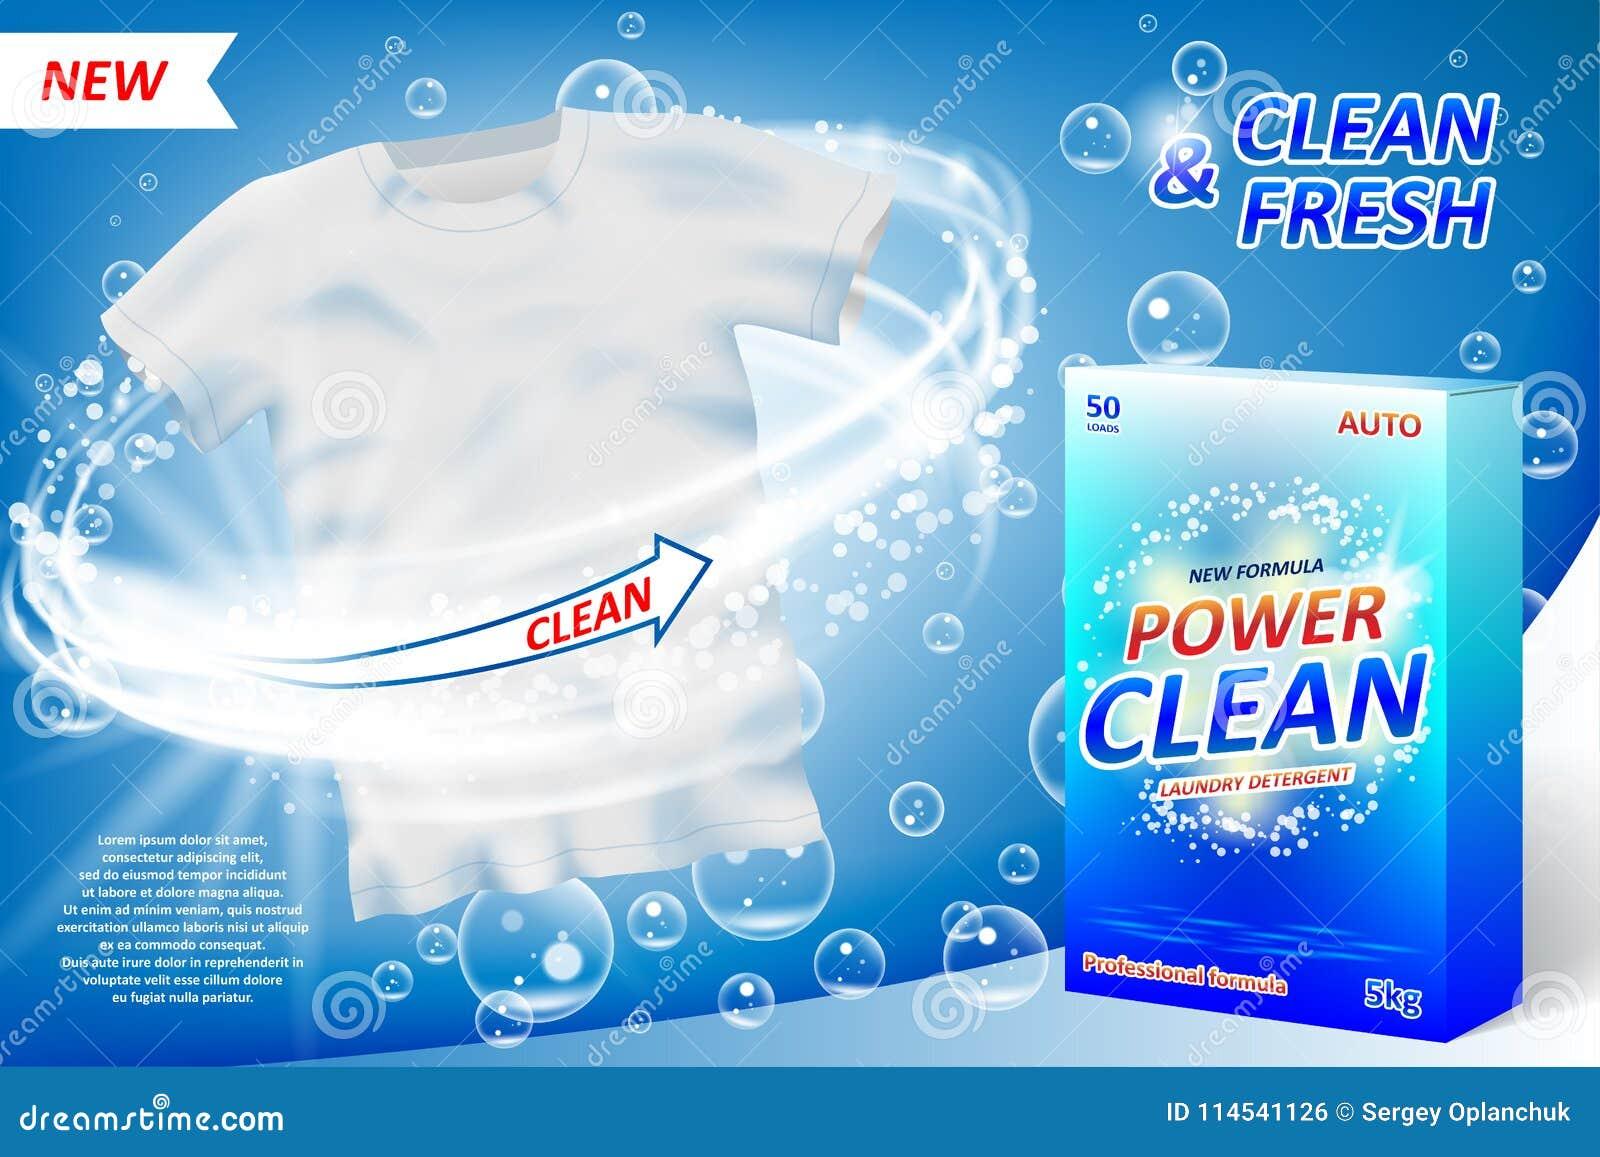 Waschmittel ANZEIGE Plakat Fleckenentferner-Verpackungsgestaltung ...